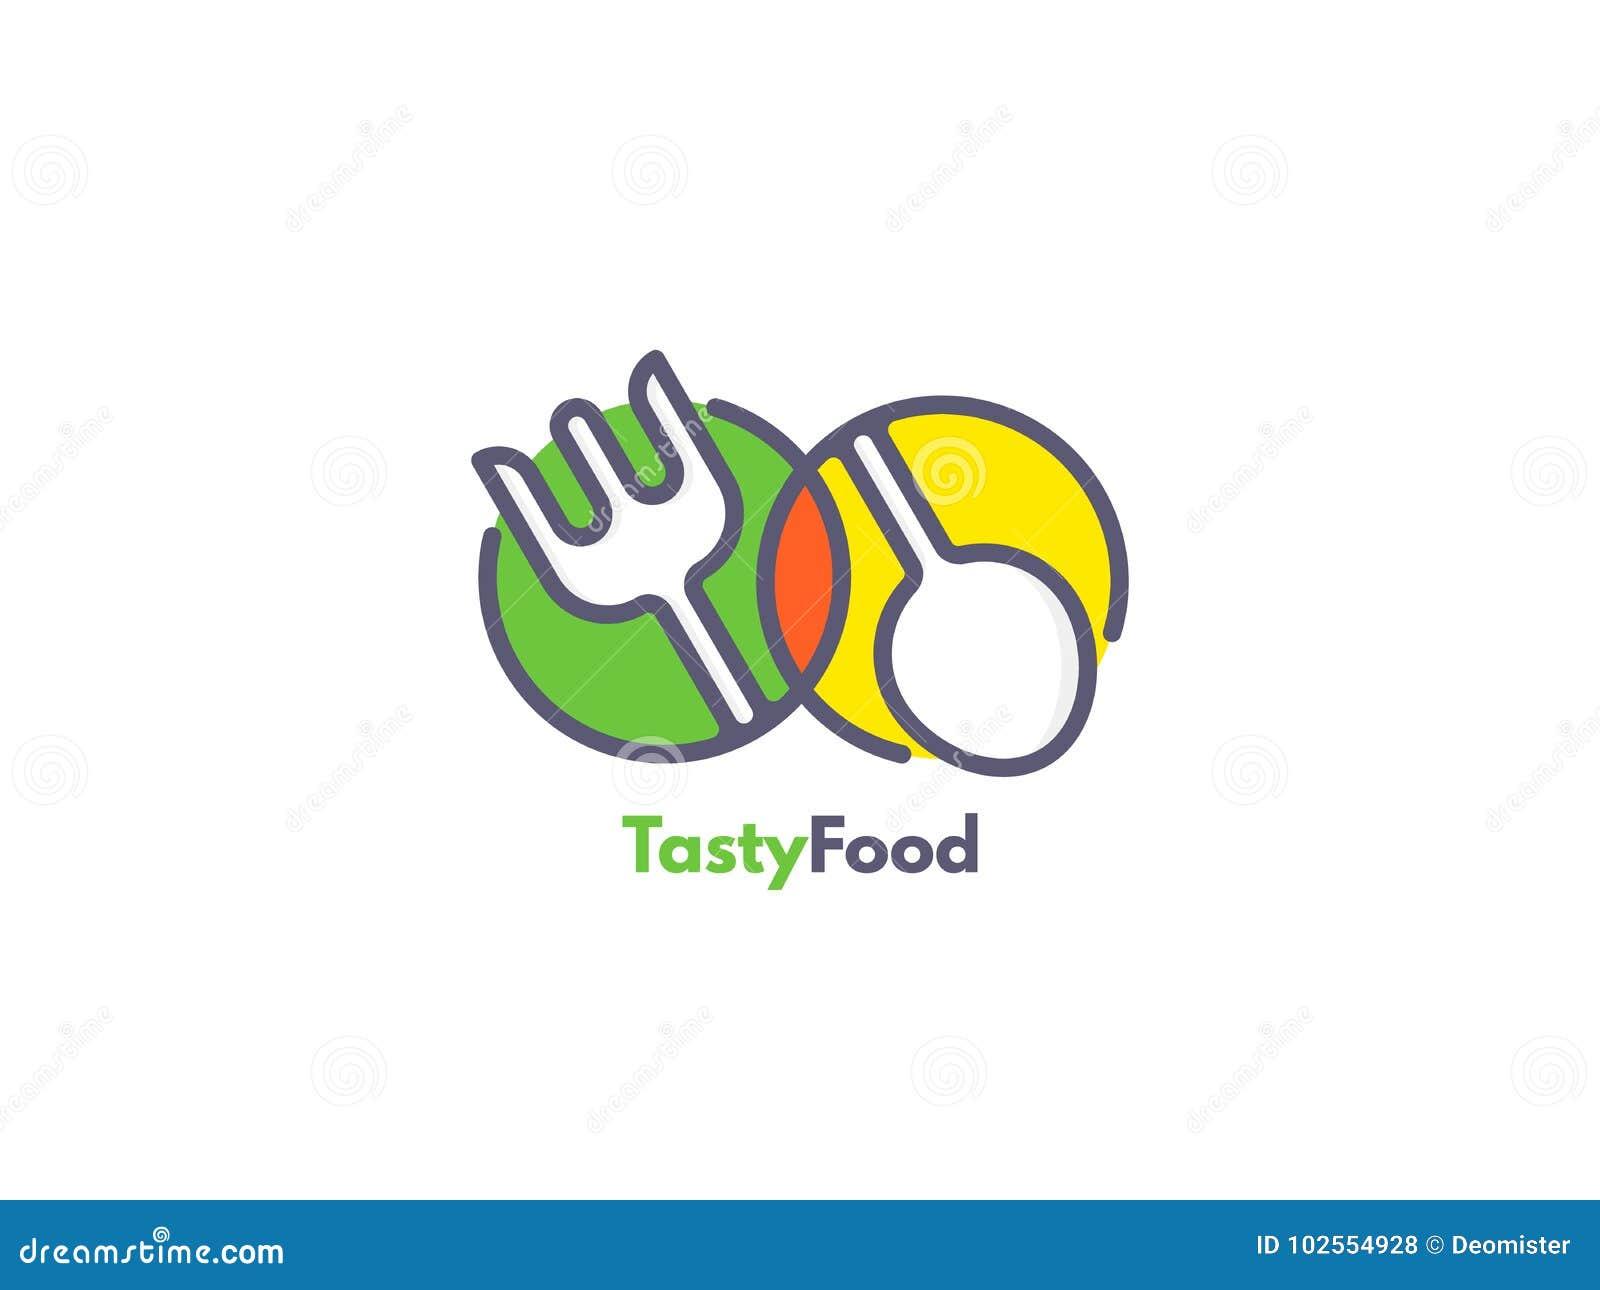 Логотип еды любит значок Вилка и ложка внутри кругов Концепция ресторанного обслуживании